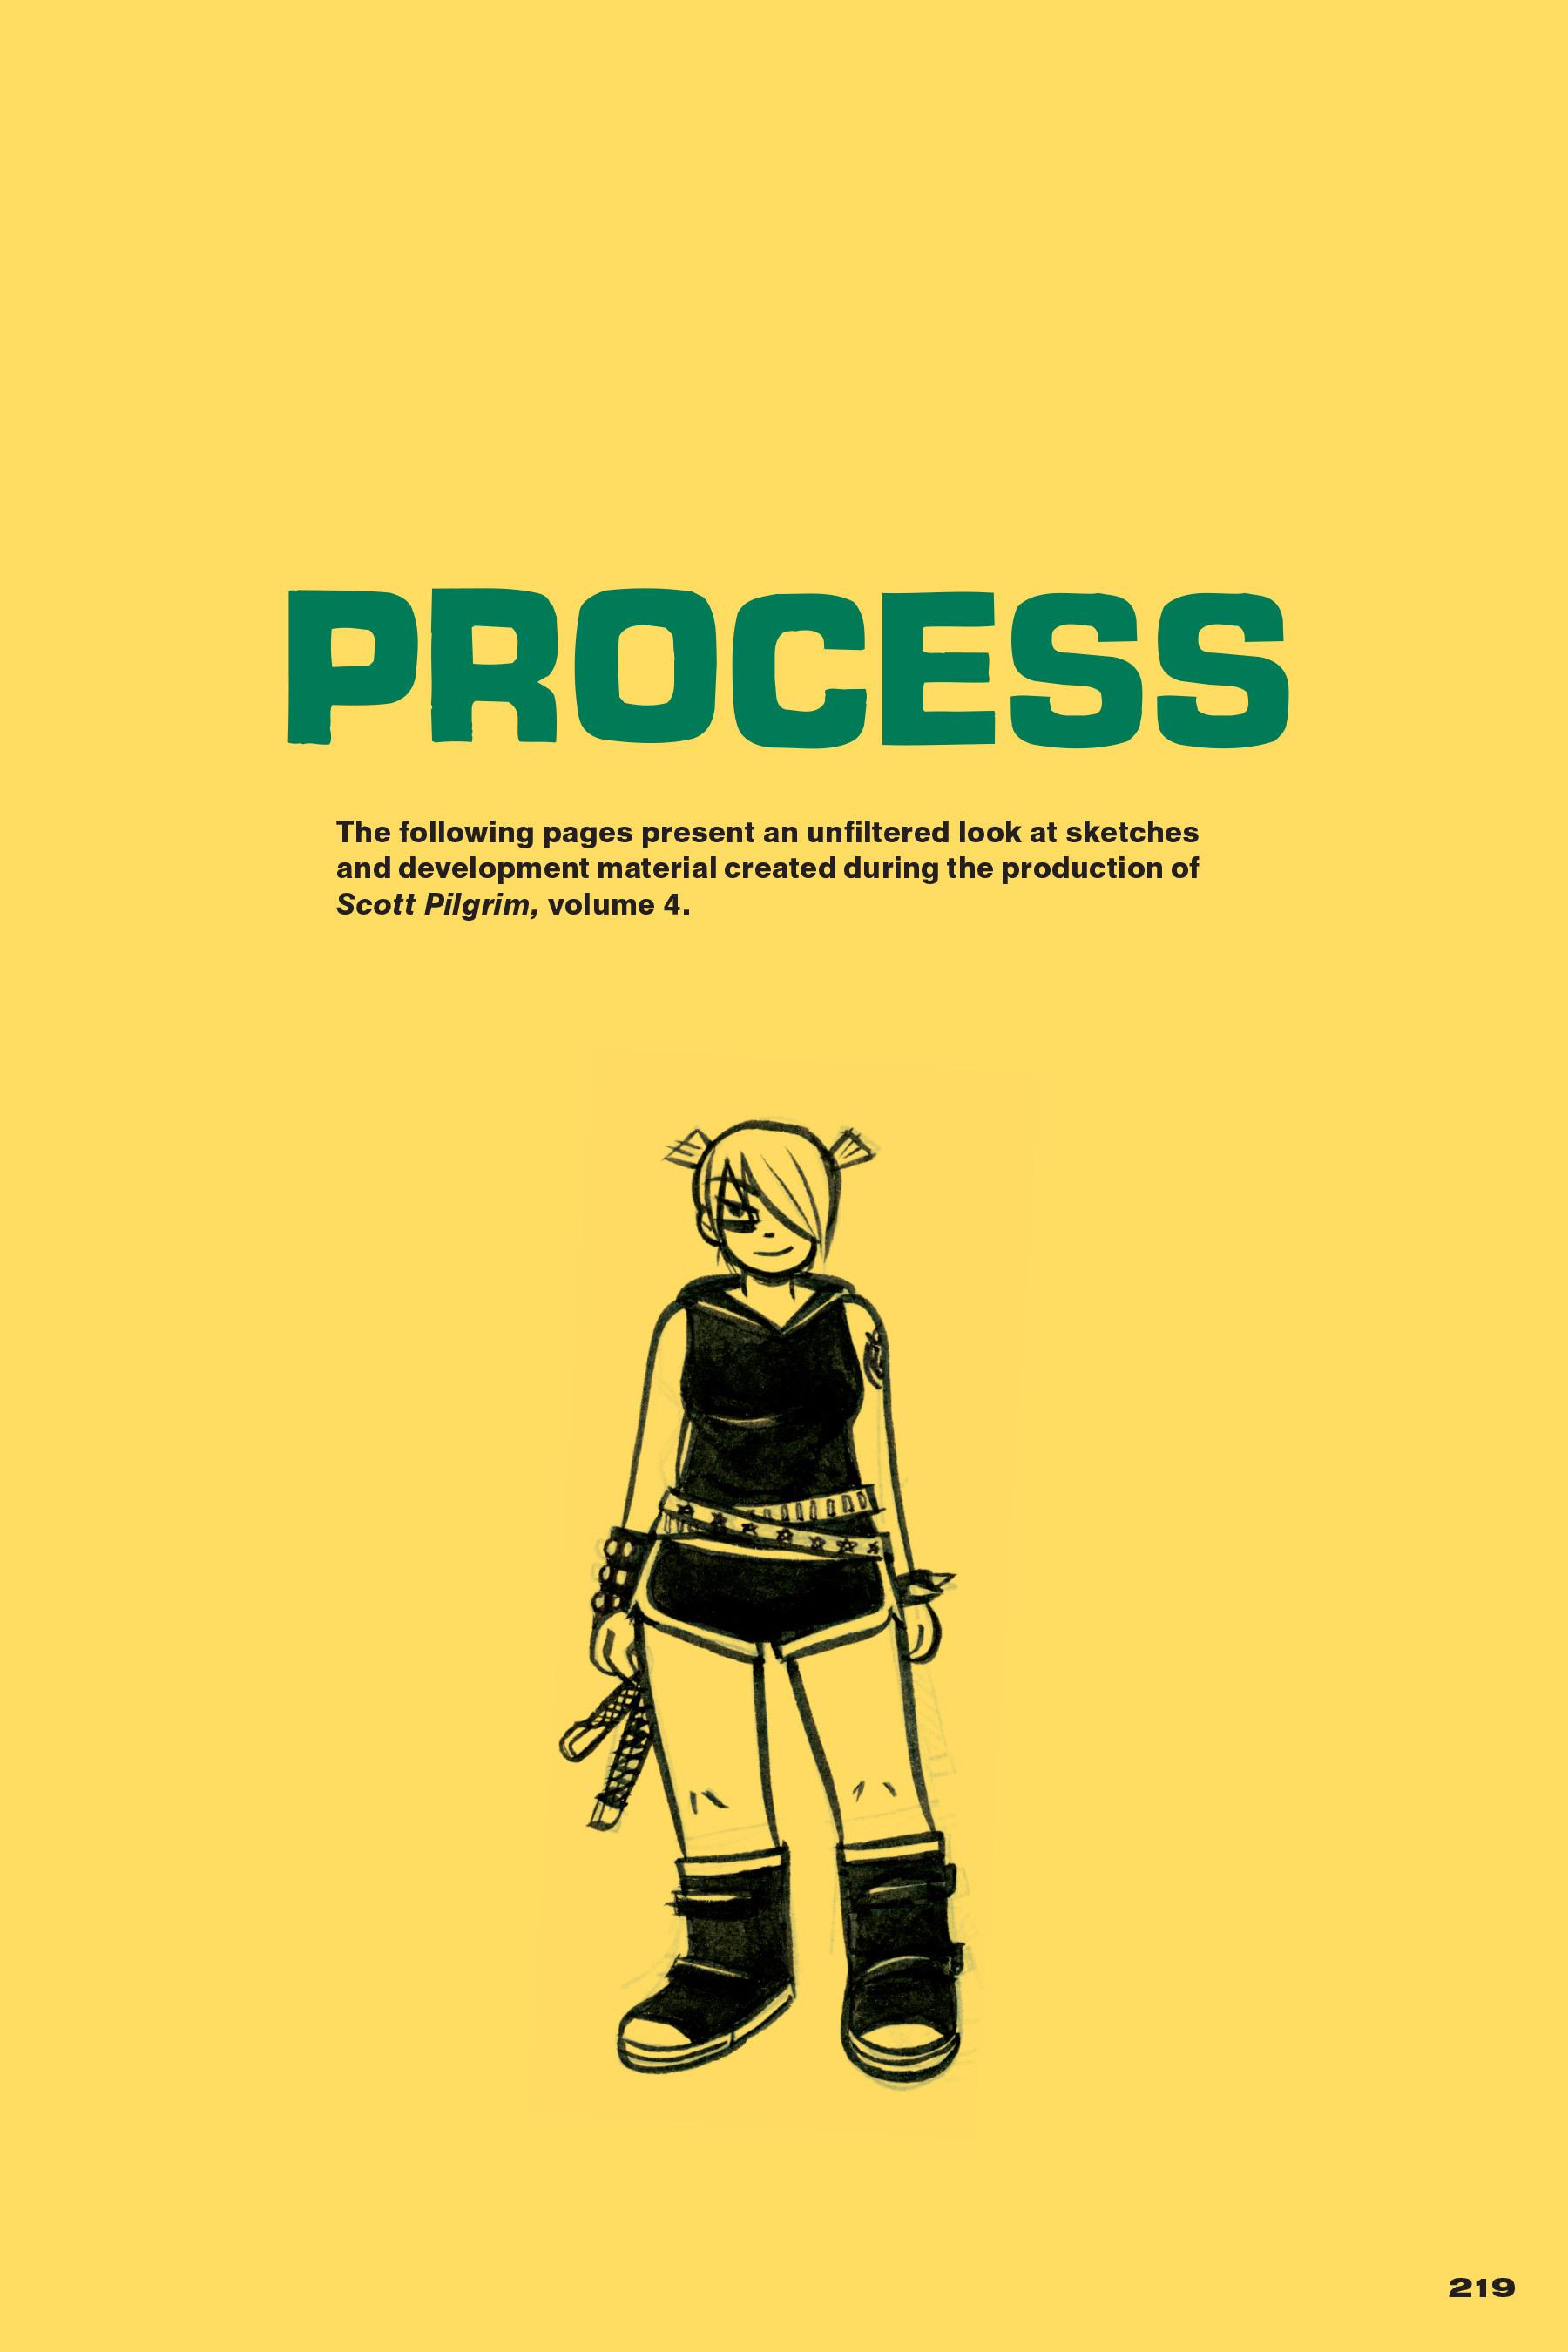 Read online Scott Pilgrim comic -  Issue #4 - 214